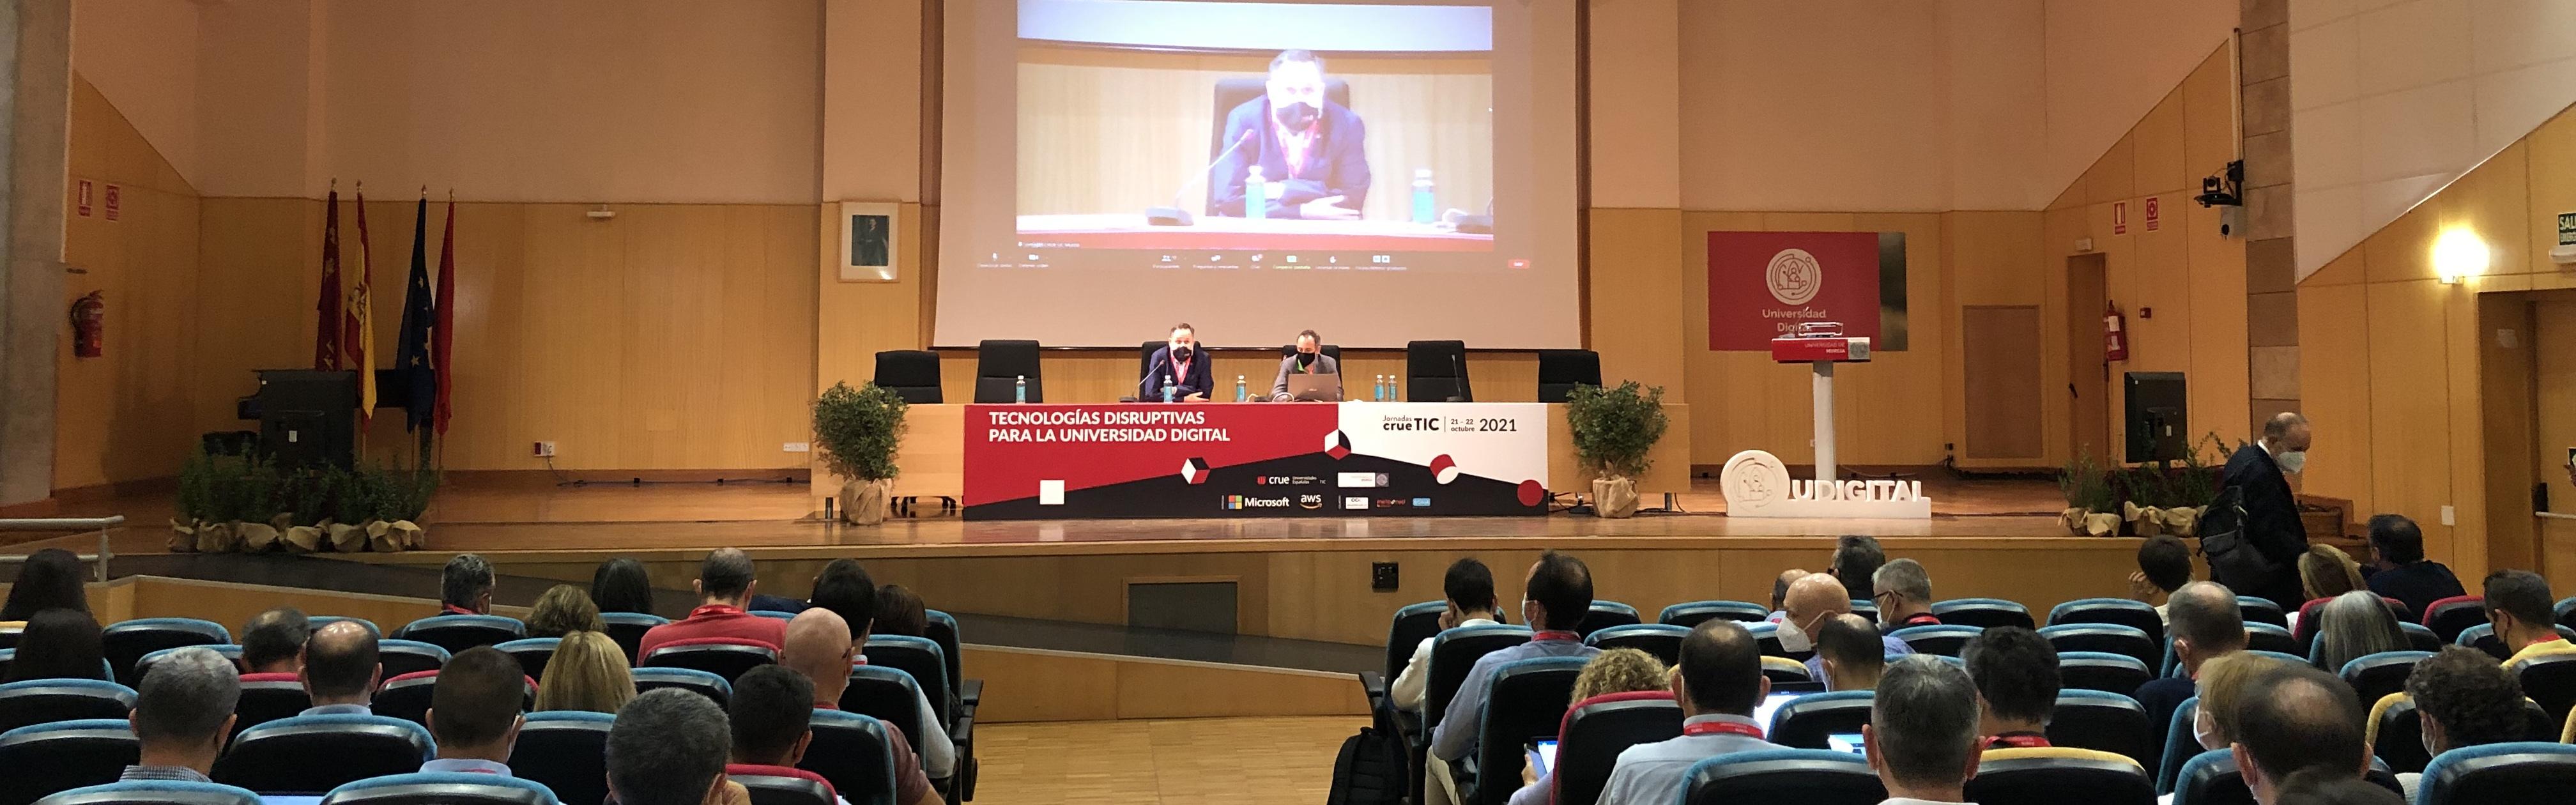 La Transformación Digital, a debate en las Jornadas Crue-TIC 2021